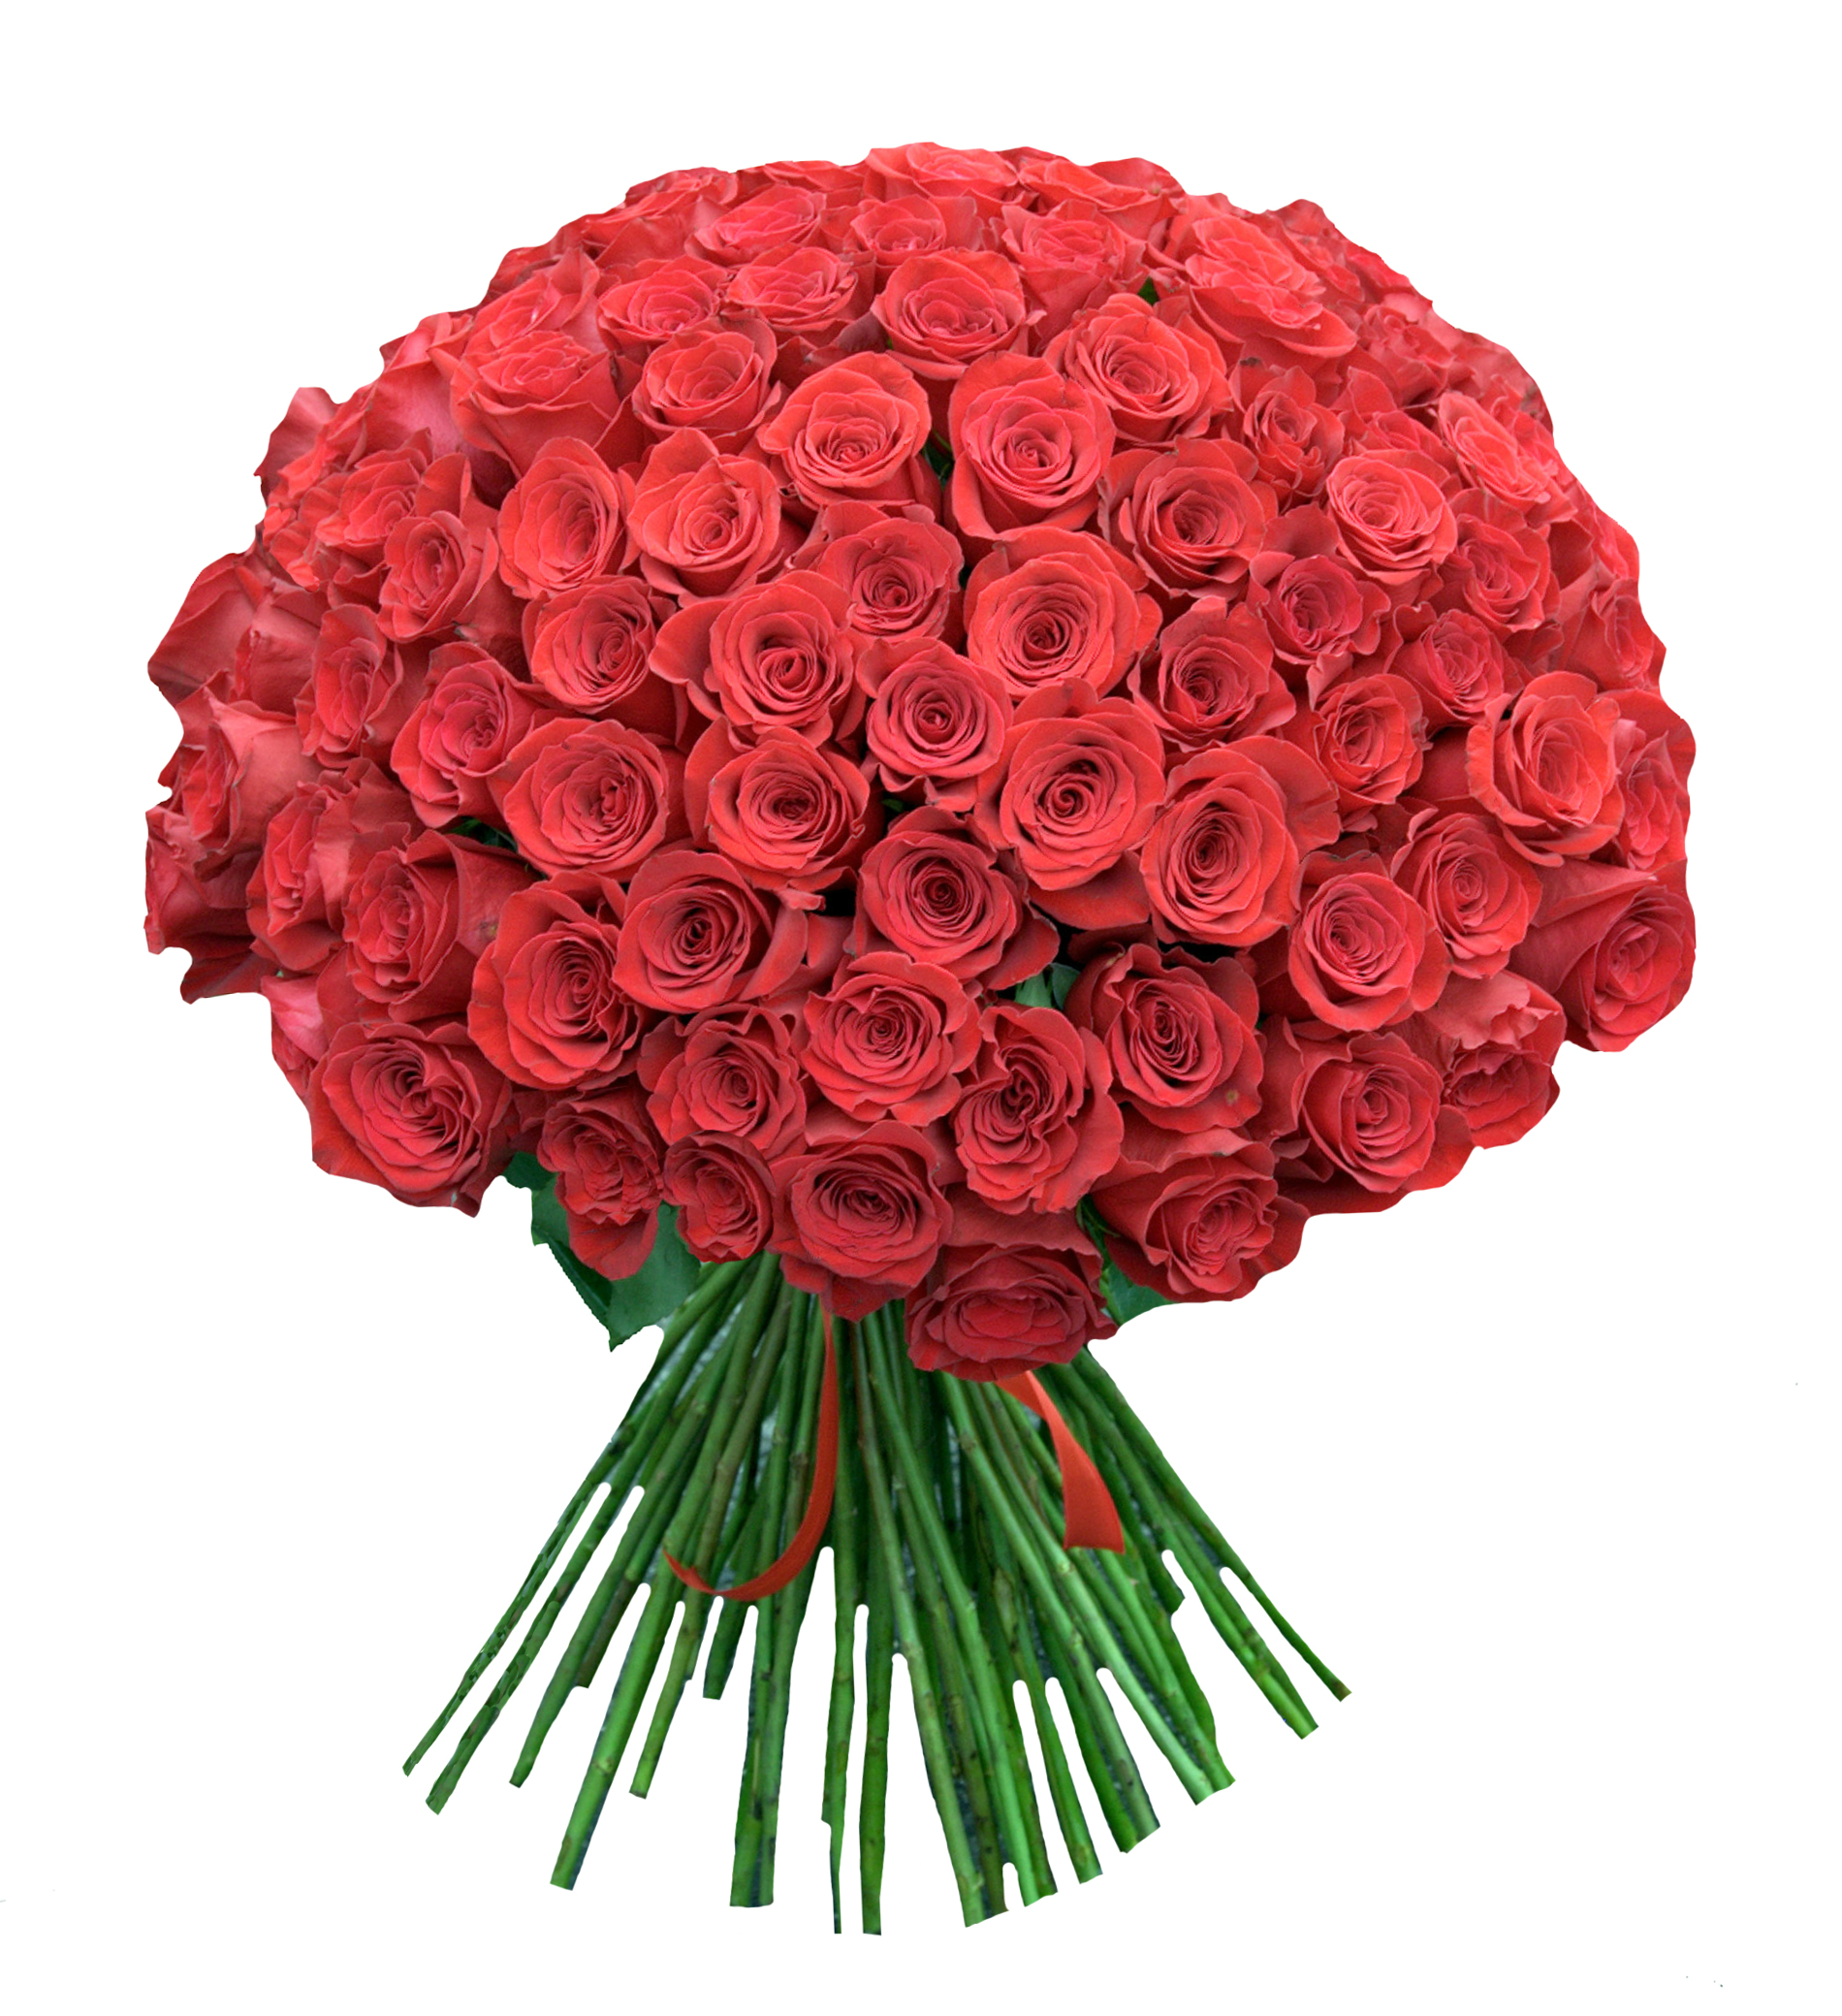 Buchete de flori si aranjamente florale pentru o cerere in casatorie